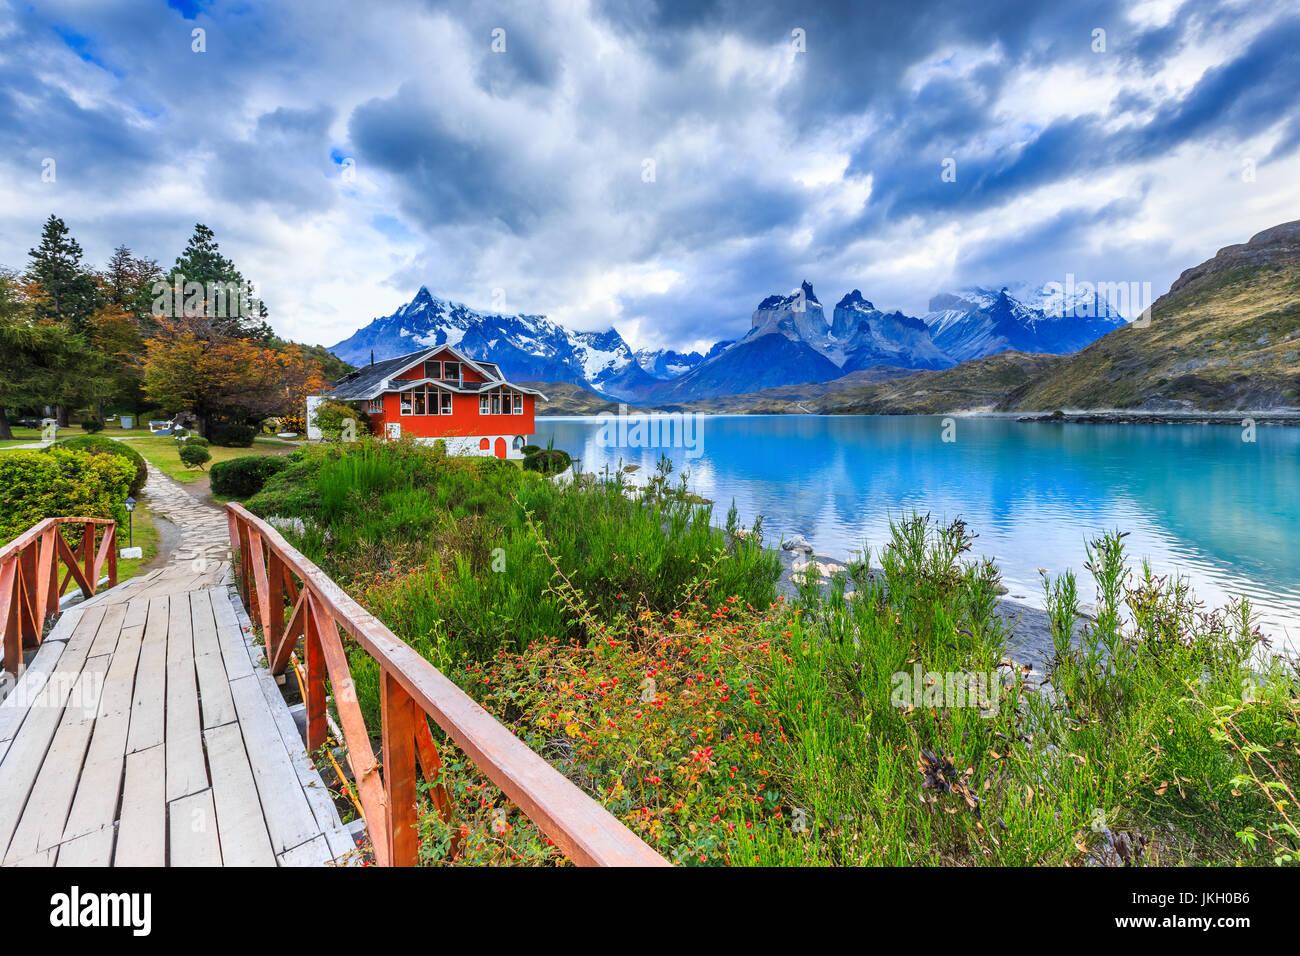 Parque Nacional Torres del Paine, Chile. El Lago Pehoé. Imagen De Stock